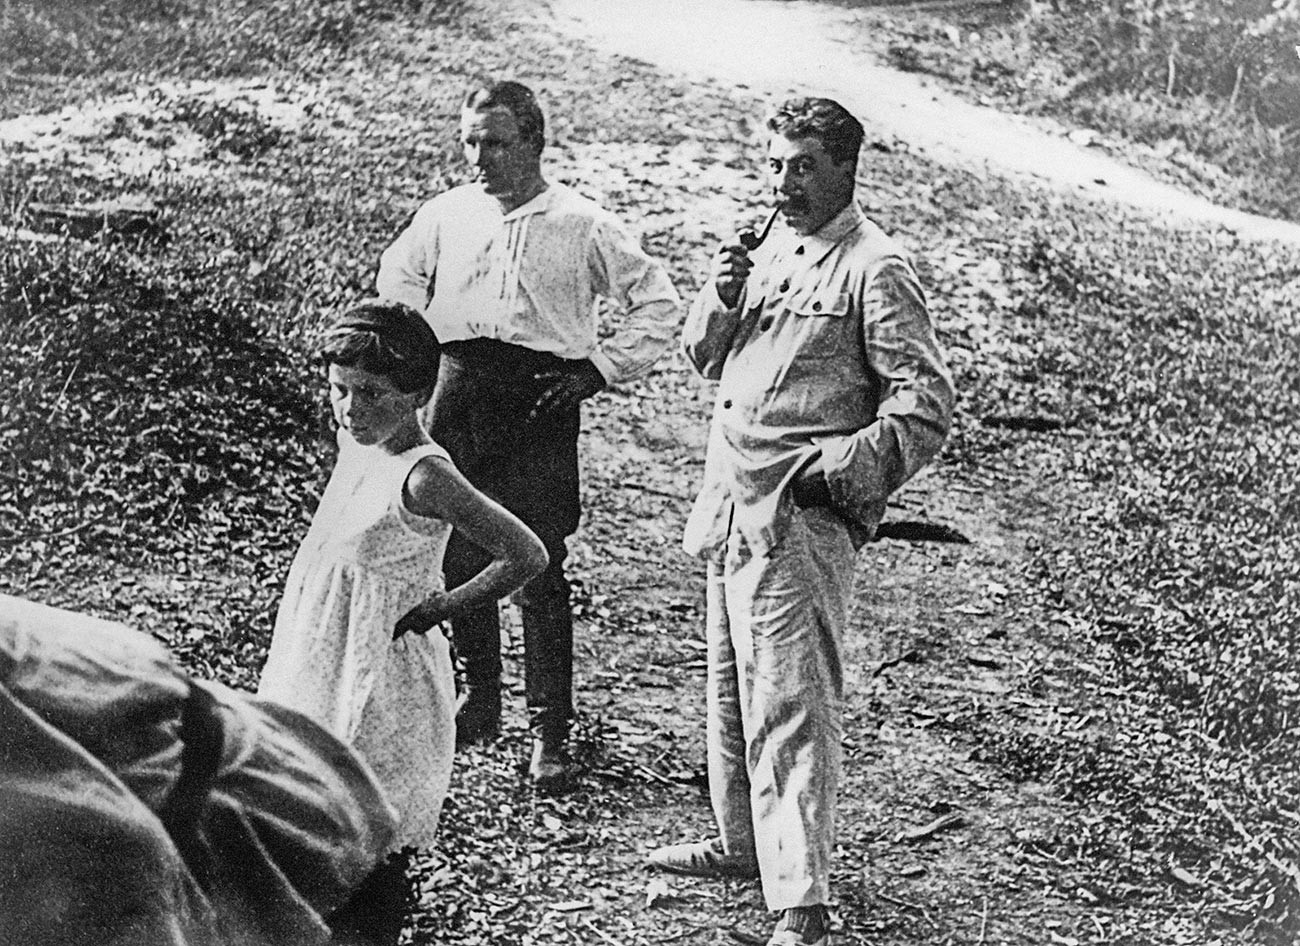 Iósif Stalin, Serguei Kirov y la hija de Stalin, Svetlana, en los años 30.